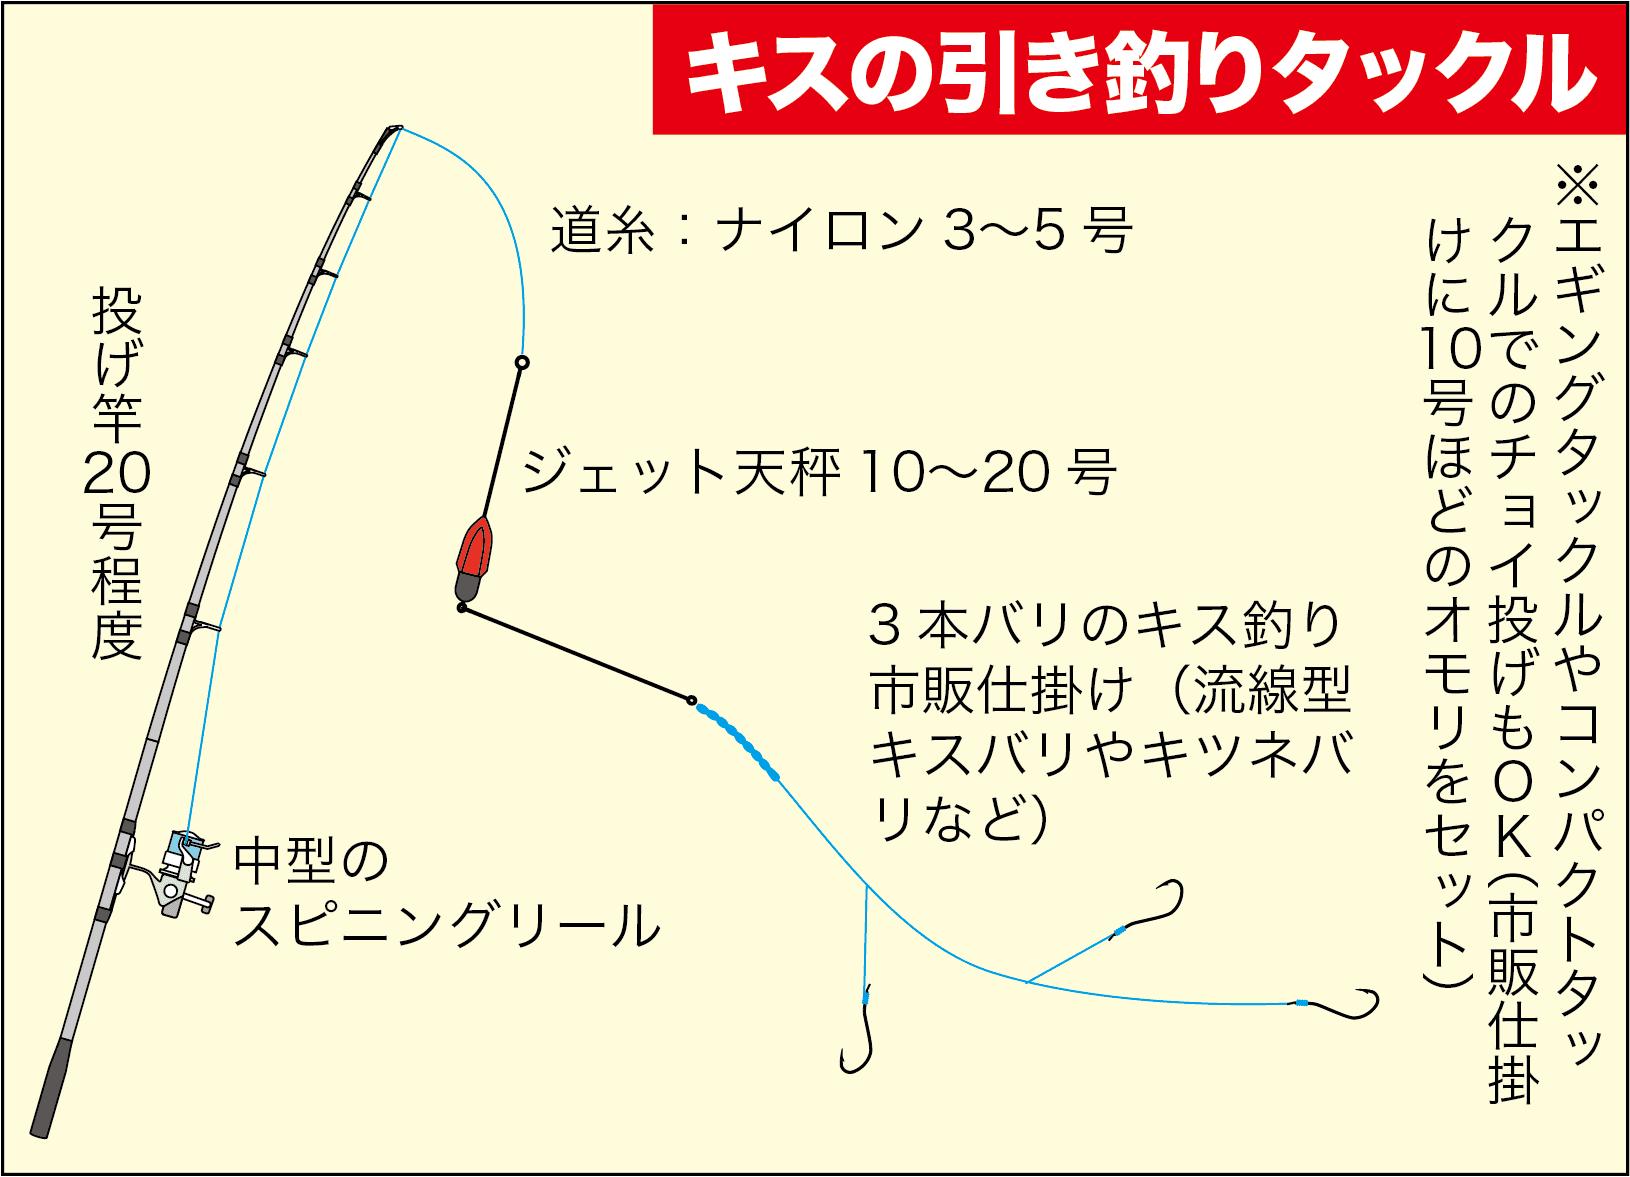 快適釣りプラン1-12